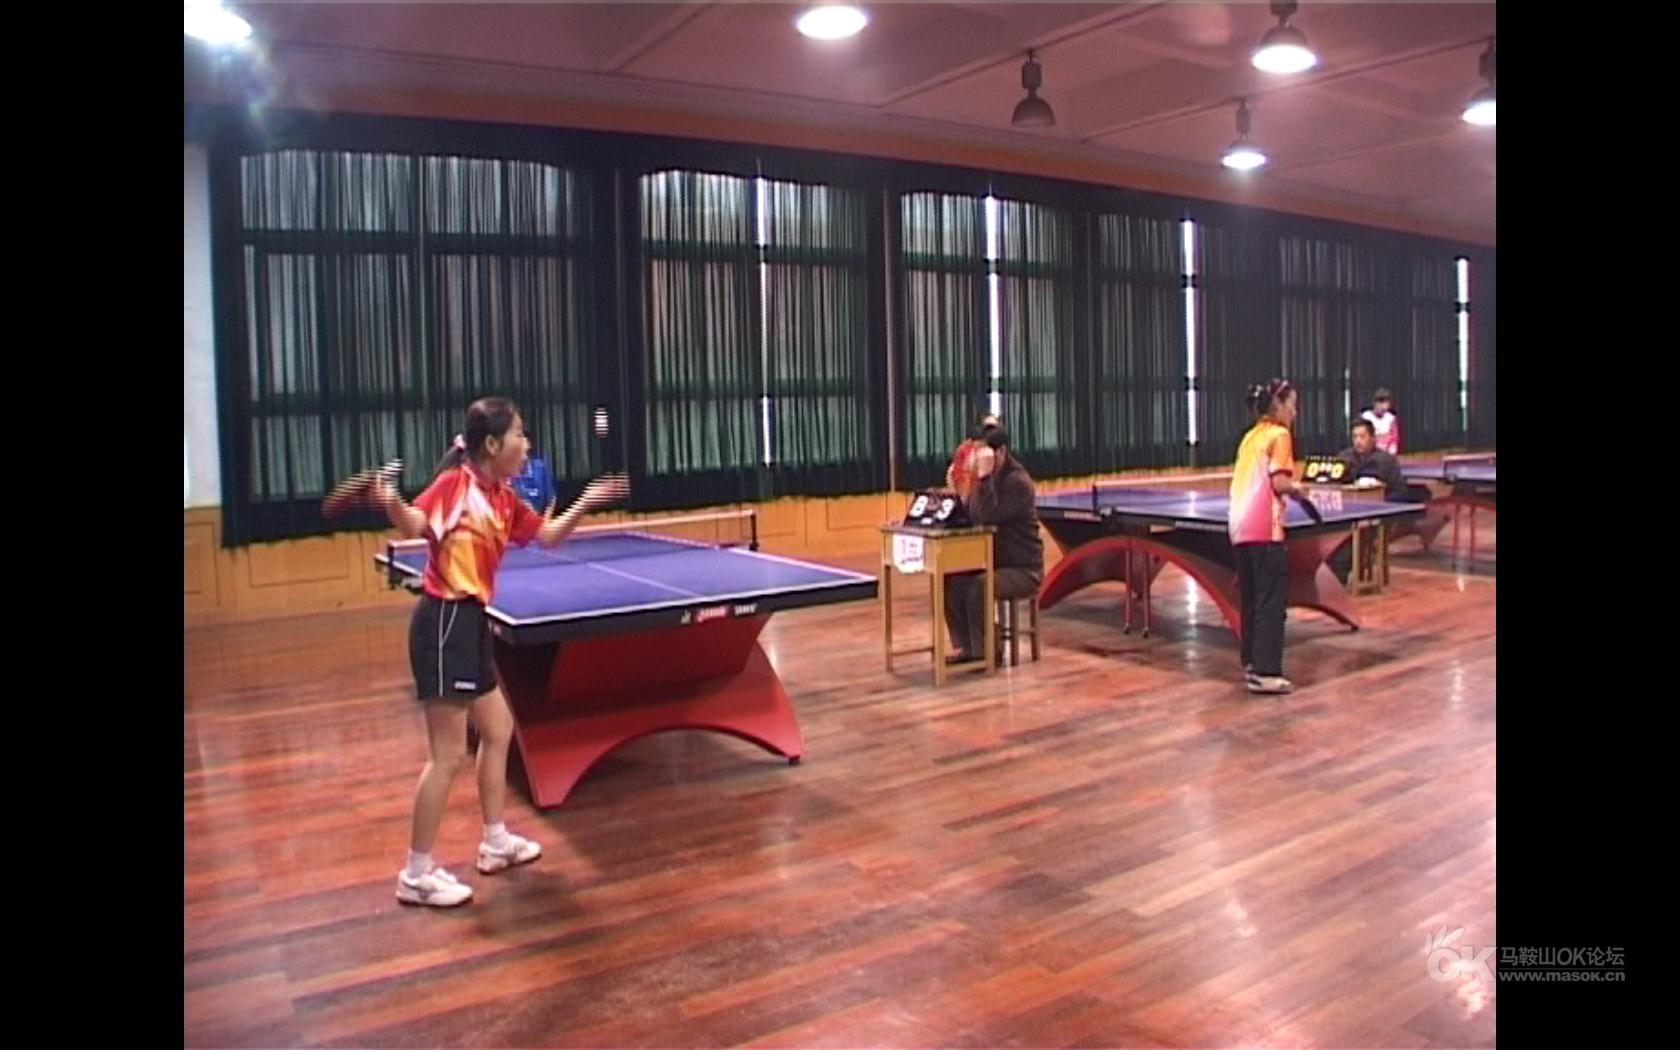 2010年马鞍山市中小学乒乓球比赛即时报道-棒球帽蓝色图片